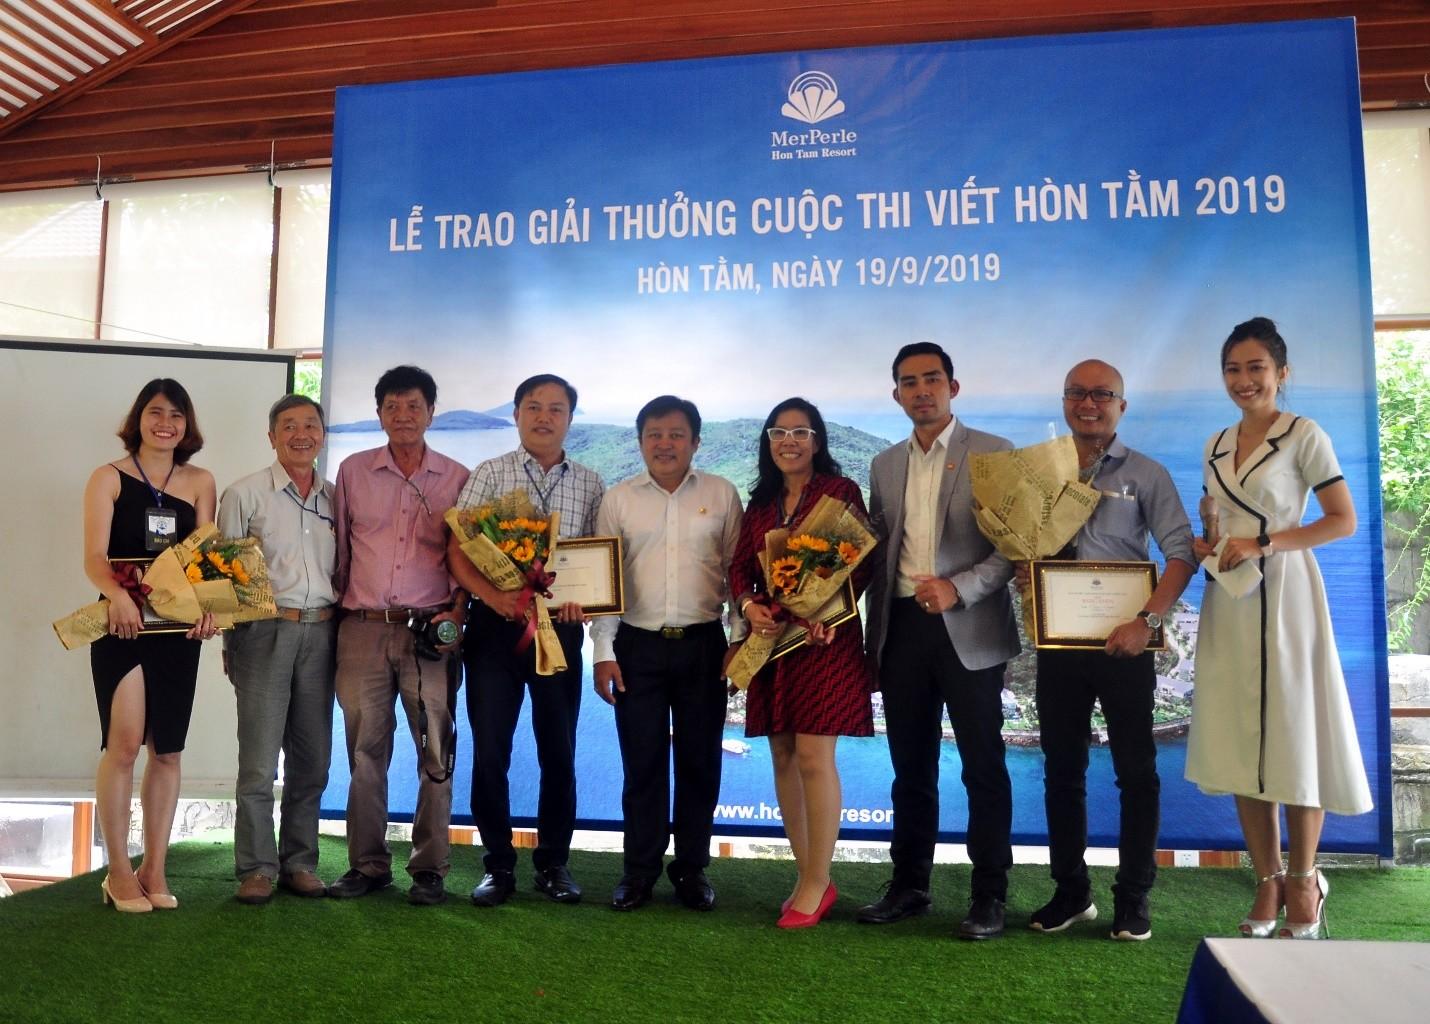 Các tác giả đạt giải và Ban lãnh đạo CTY CP Hòn Tằm Biển Nha Trang, BTC chụp ảnh lưu niệm